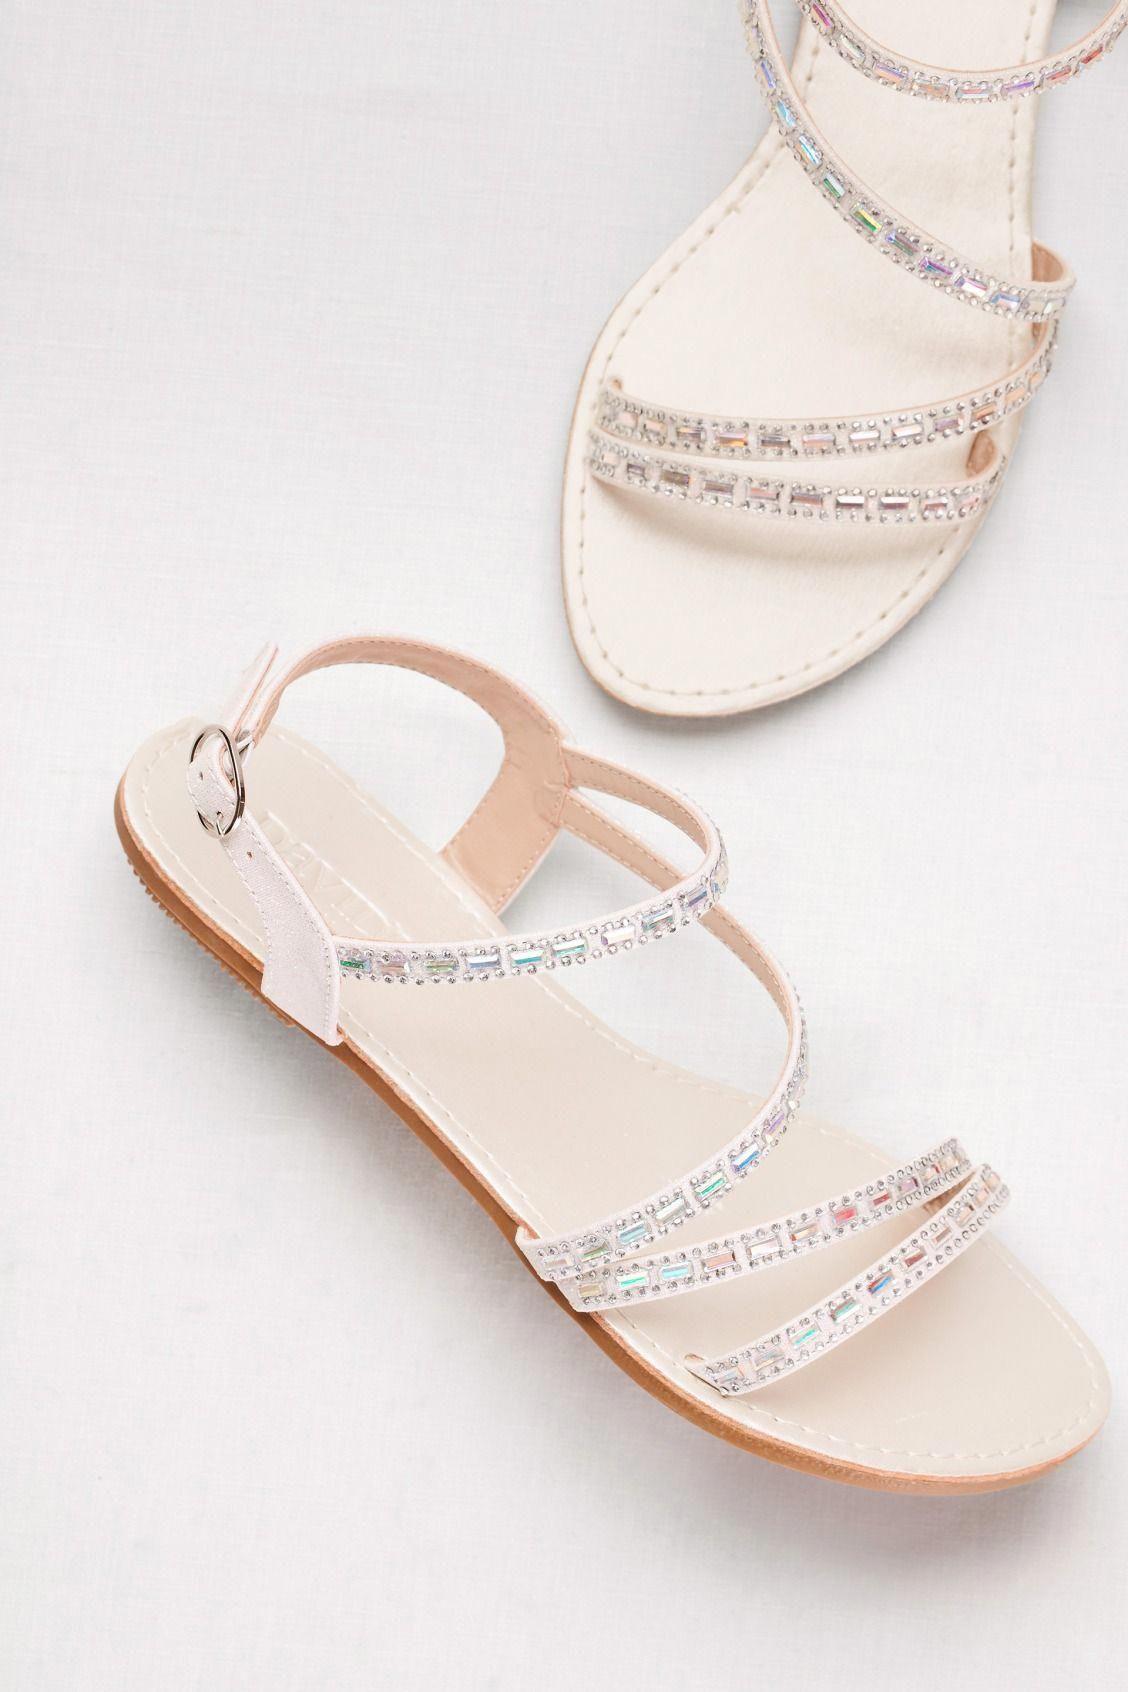 09dbc81a47eada A pretty prom flat sandal for a stylish night of dancing ...